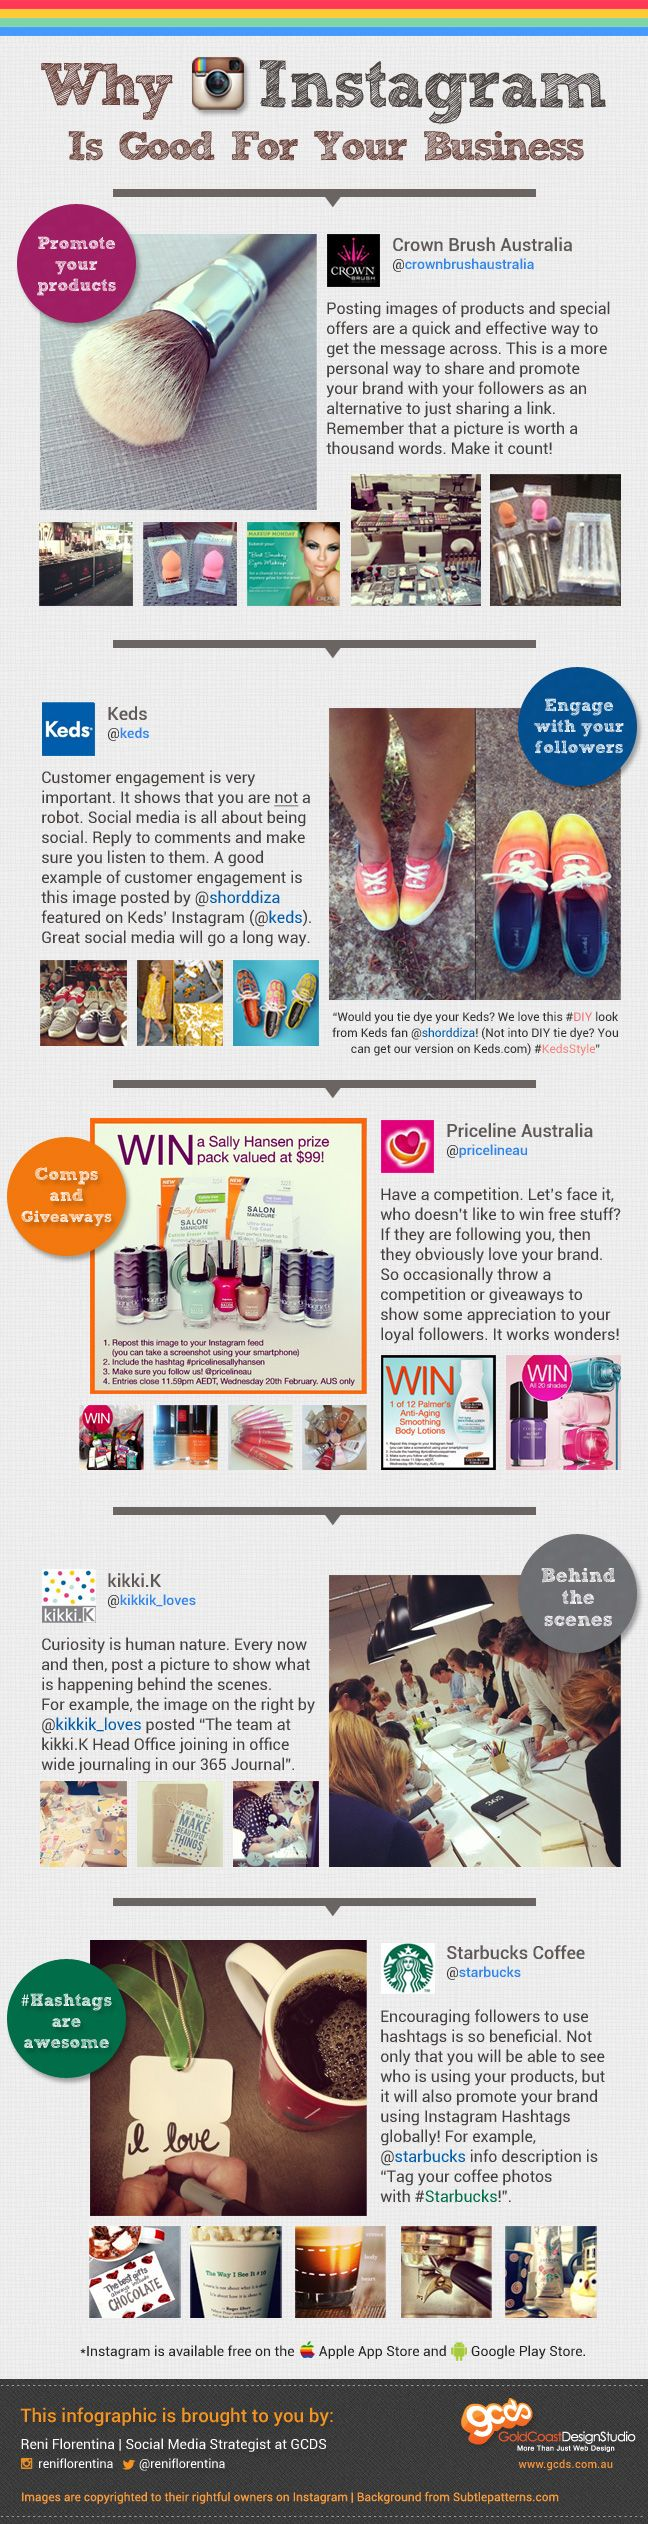 Waarom instagram goed voor zaken is! - #infographic #socialmedia